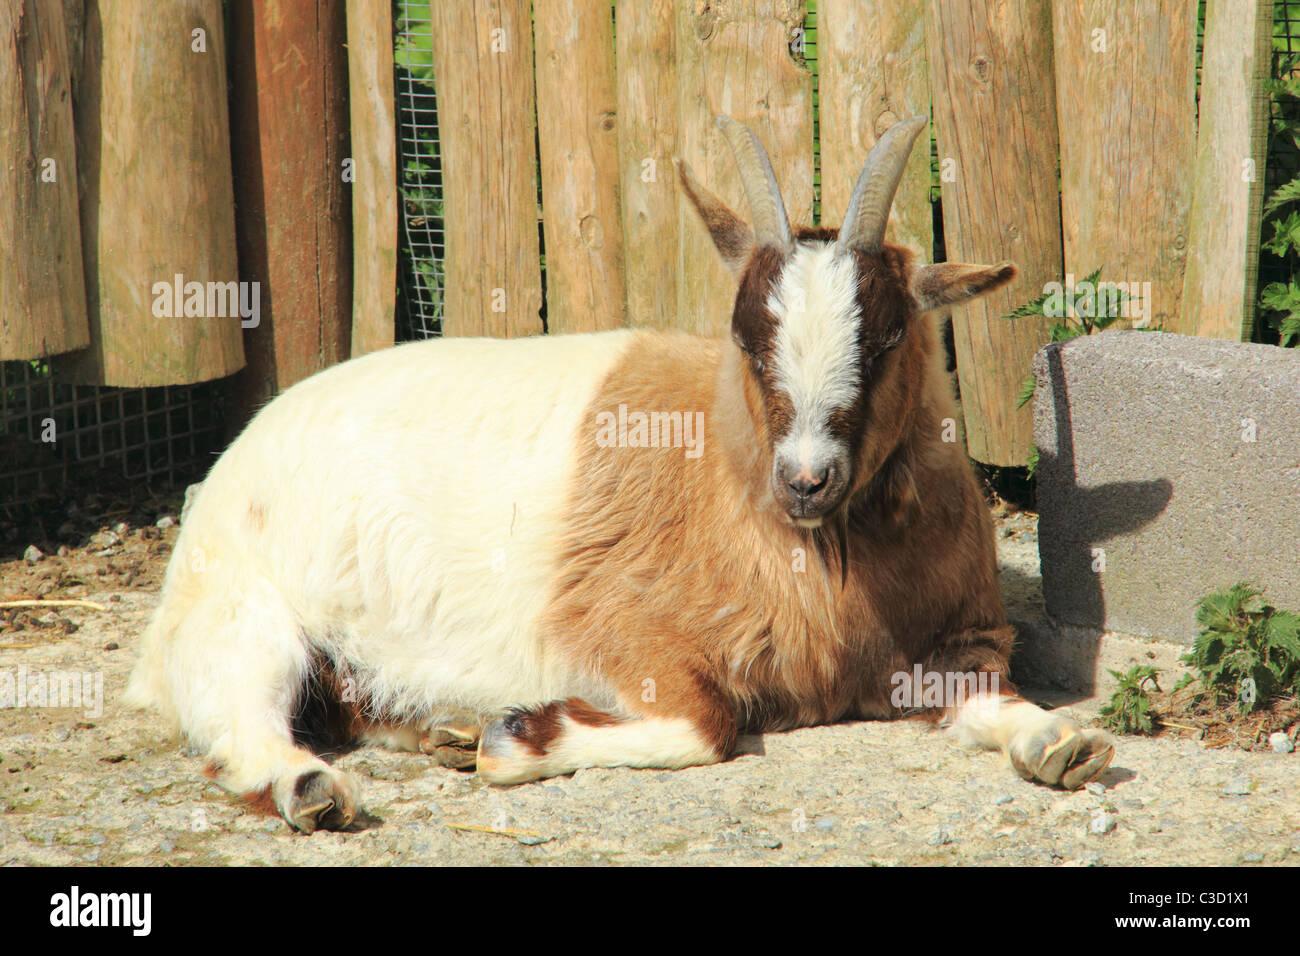 Ziege In Der Sonne Liegen Stockfoto Bild 36551593 Alamy